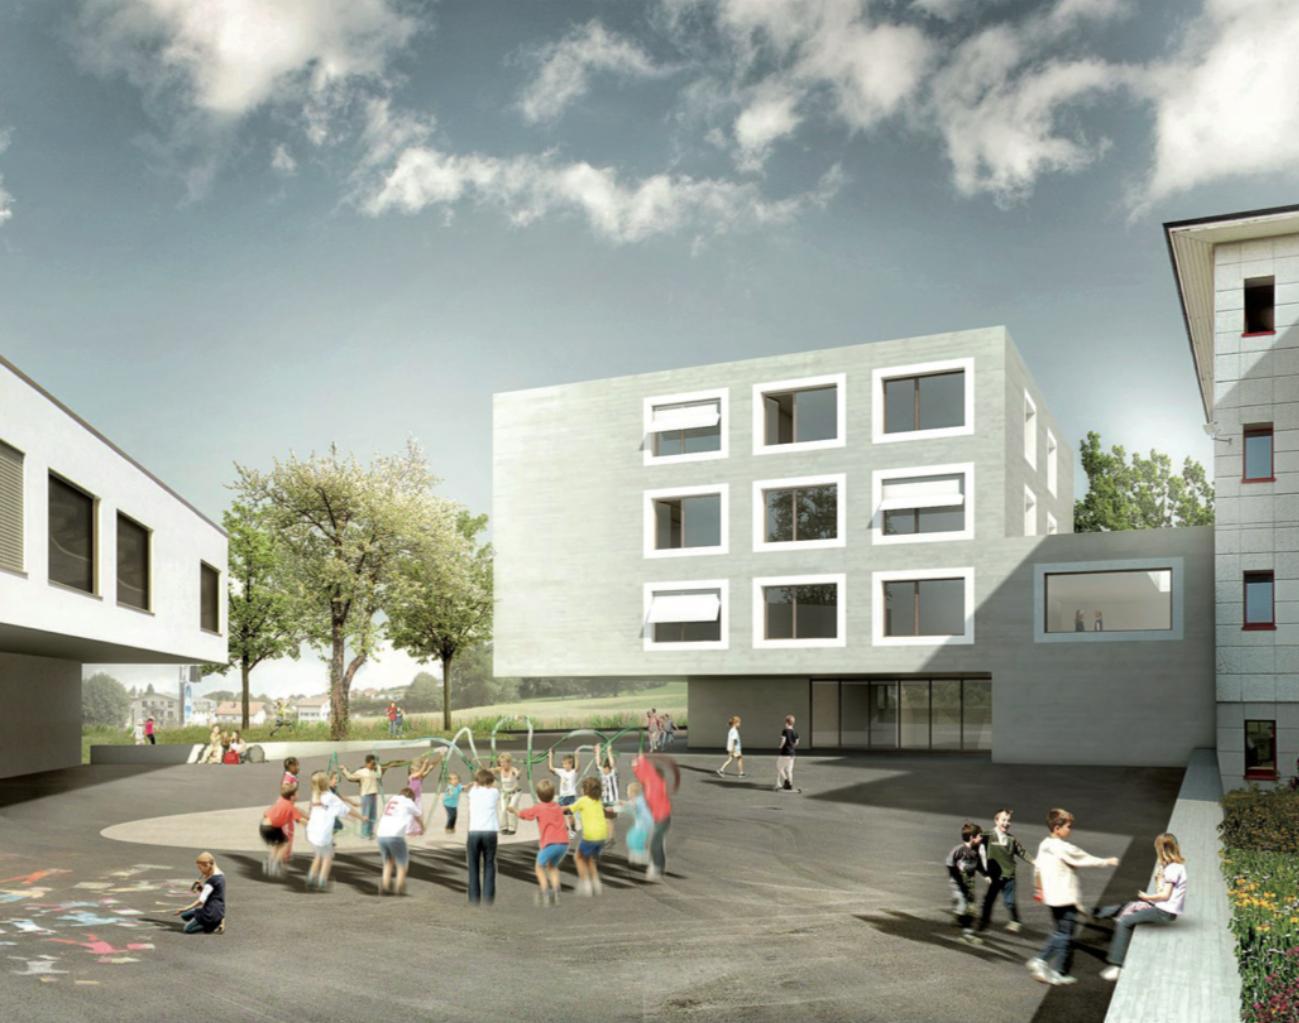 """Agrandissement du bâtiment de l'école primaire existante """"Le Renard"""" à Attalens (FR), cBmM architectes, «Haut les mains!»"""